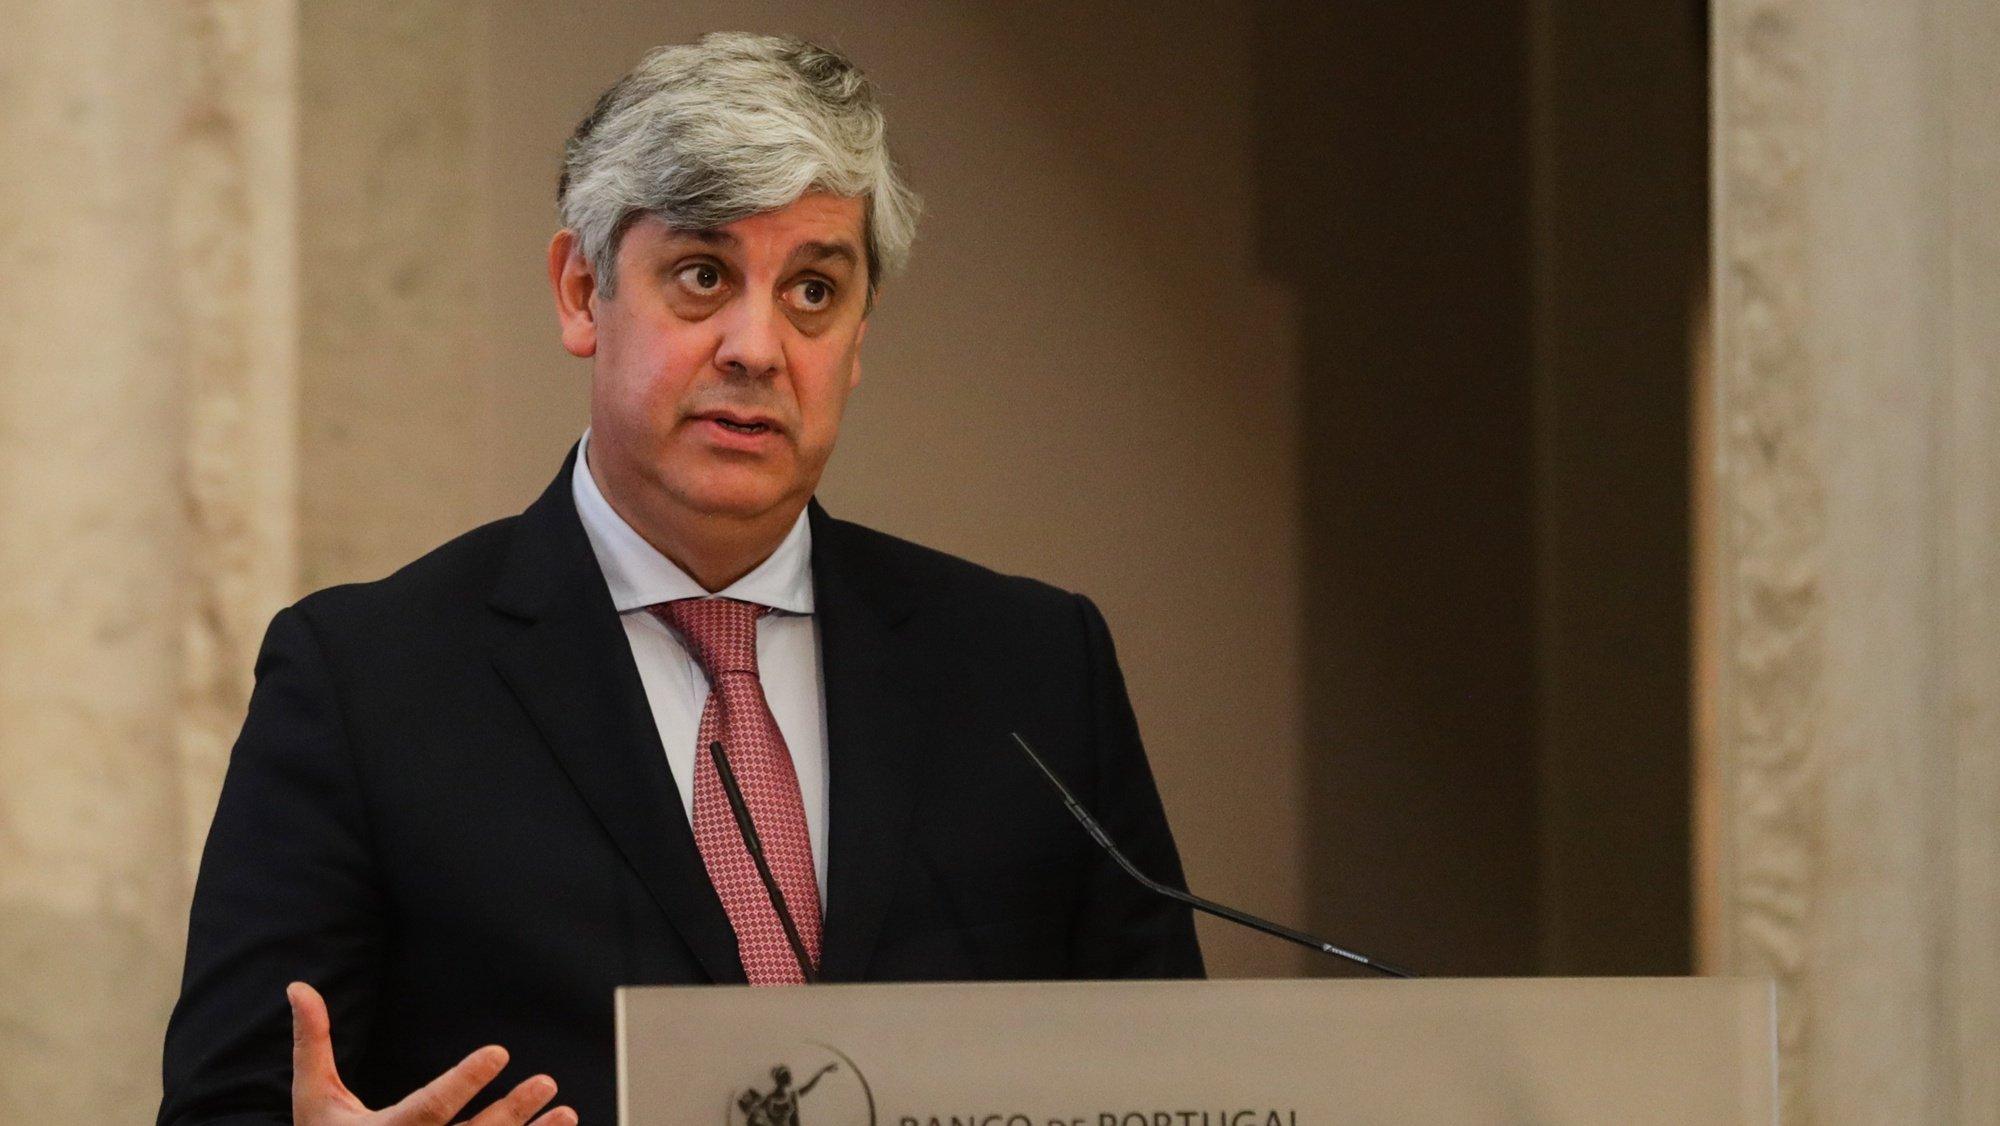 O governador do Banco de Portugal, Mário Centeno, intervém durante a apresentação do Boletim Económico de dezembro, que inclui projeções para a evolução da economia portuguesa no período 2020 a 2023, na sede em Lisboa, 14 de dezembro de 2020. TIAGO PETINGA/POOL/LUSA